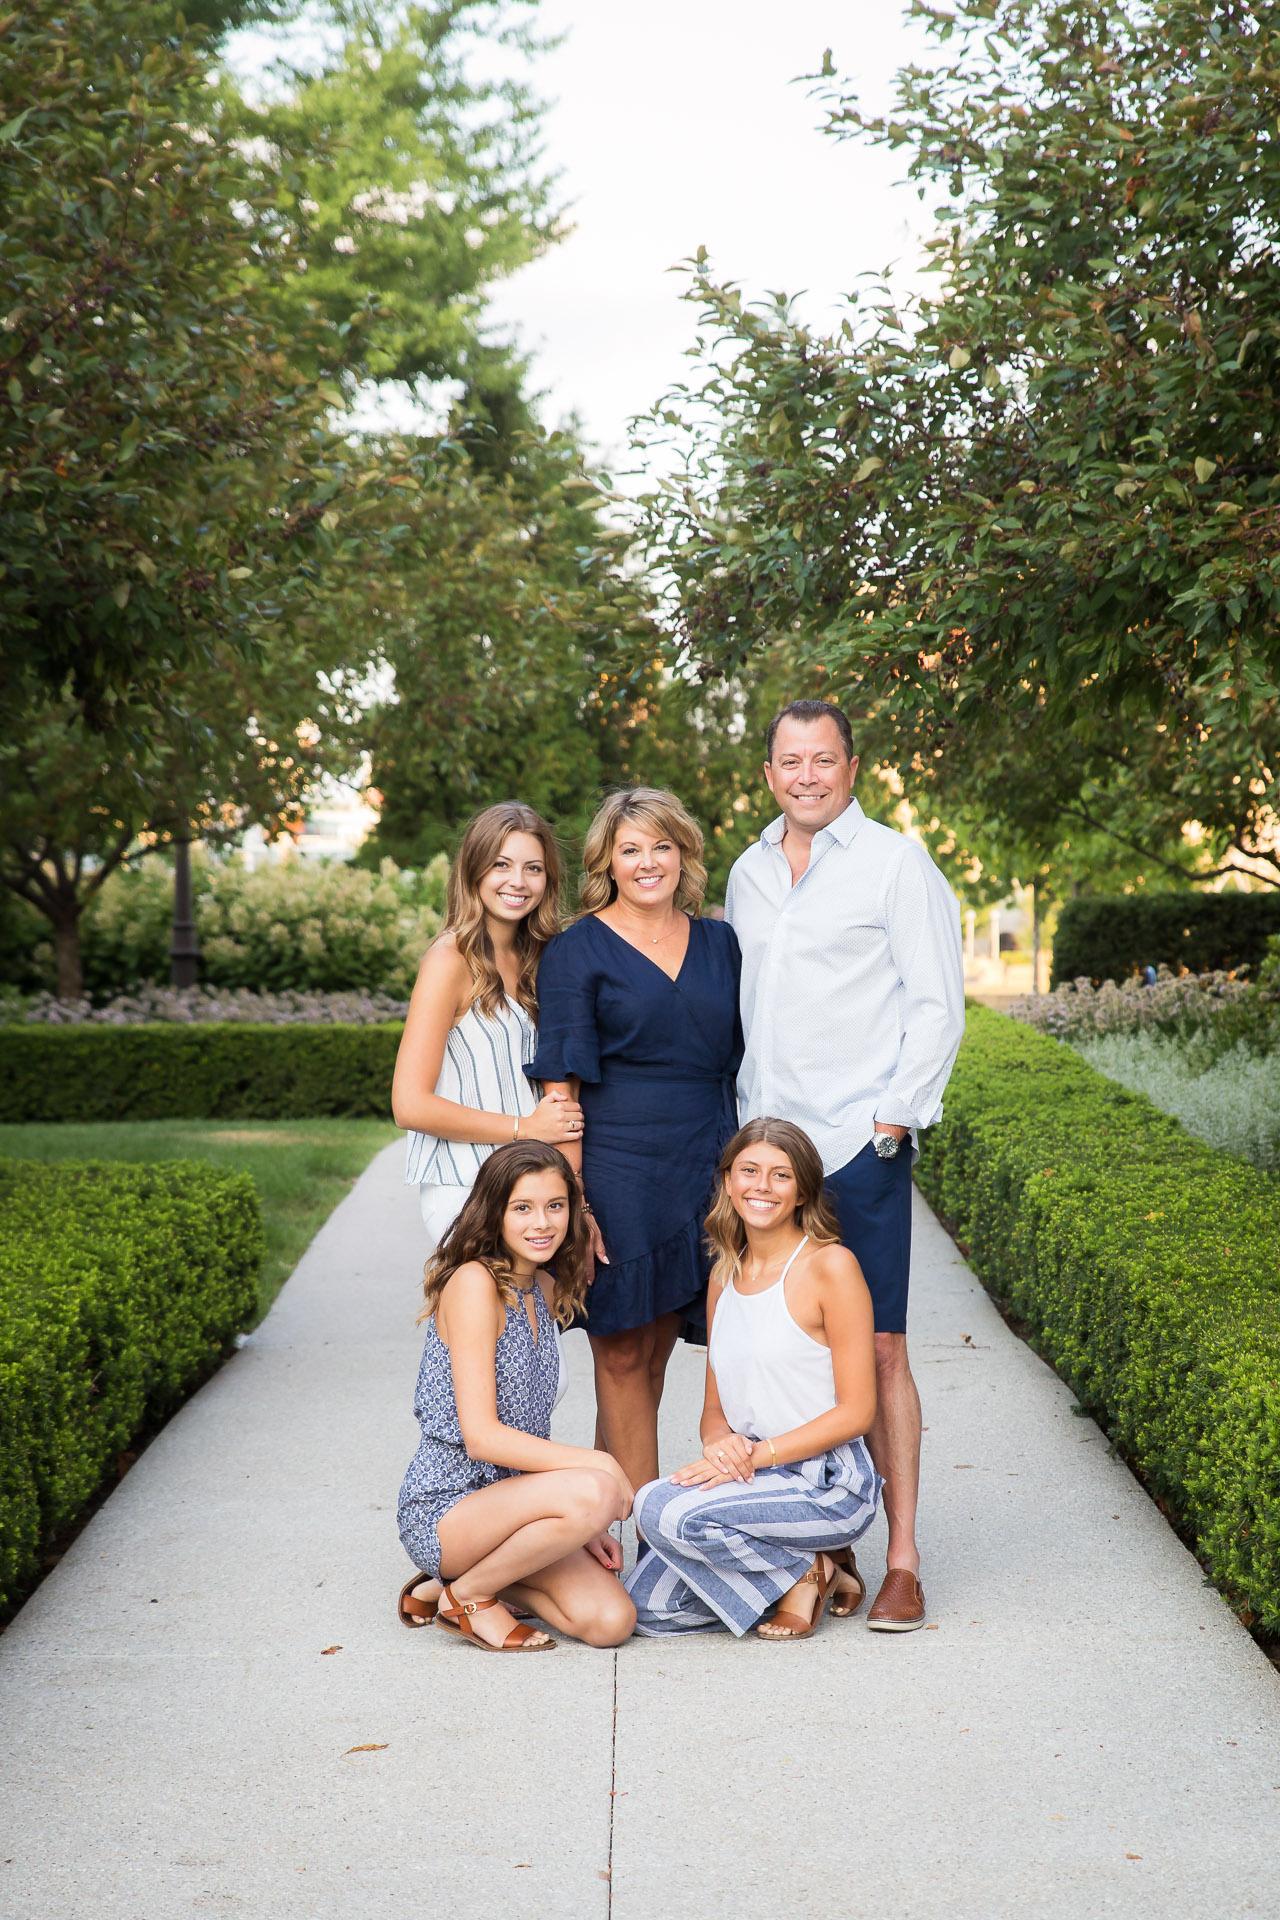 Family-Photographer-Des-Moines-28.jpg